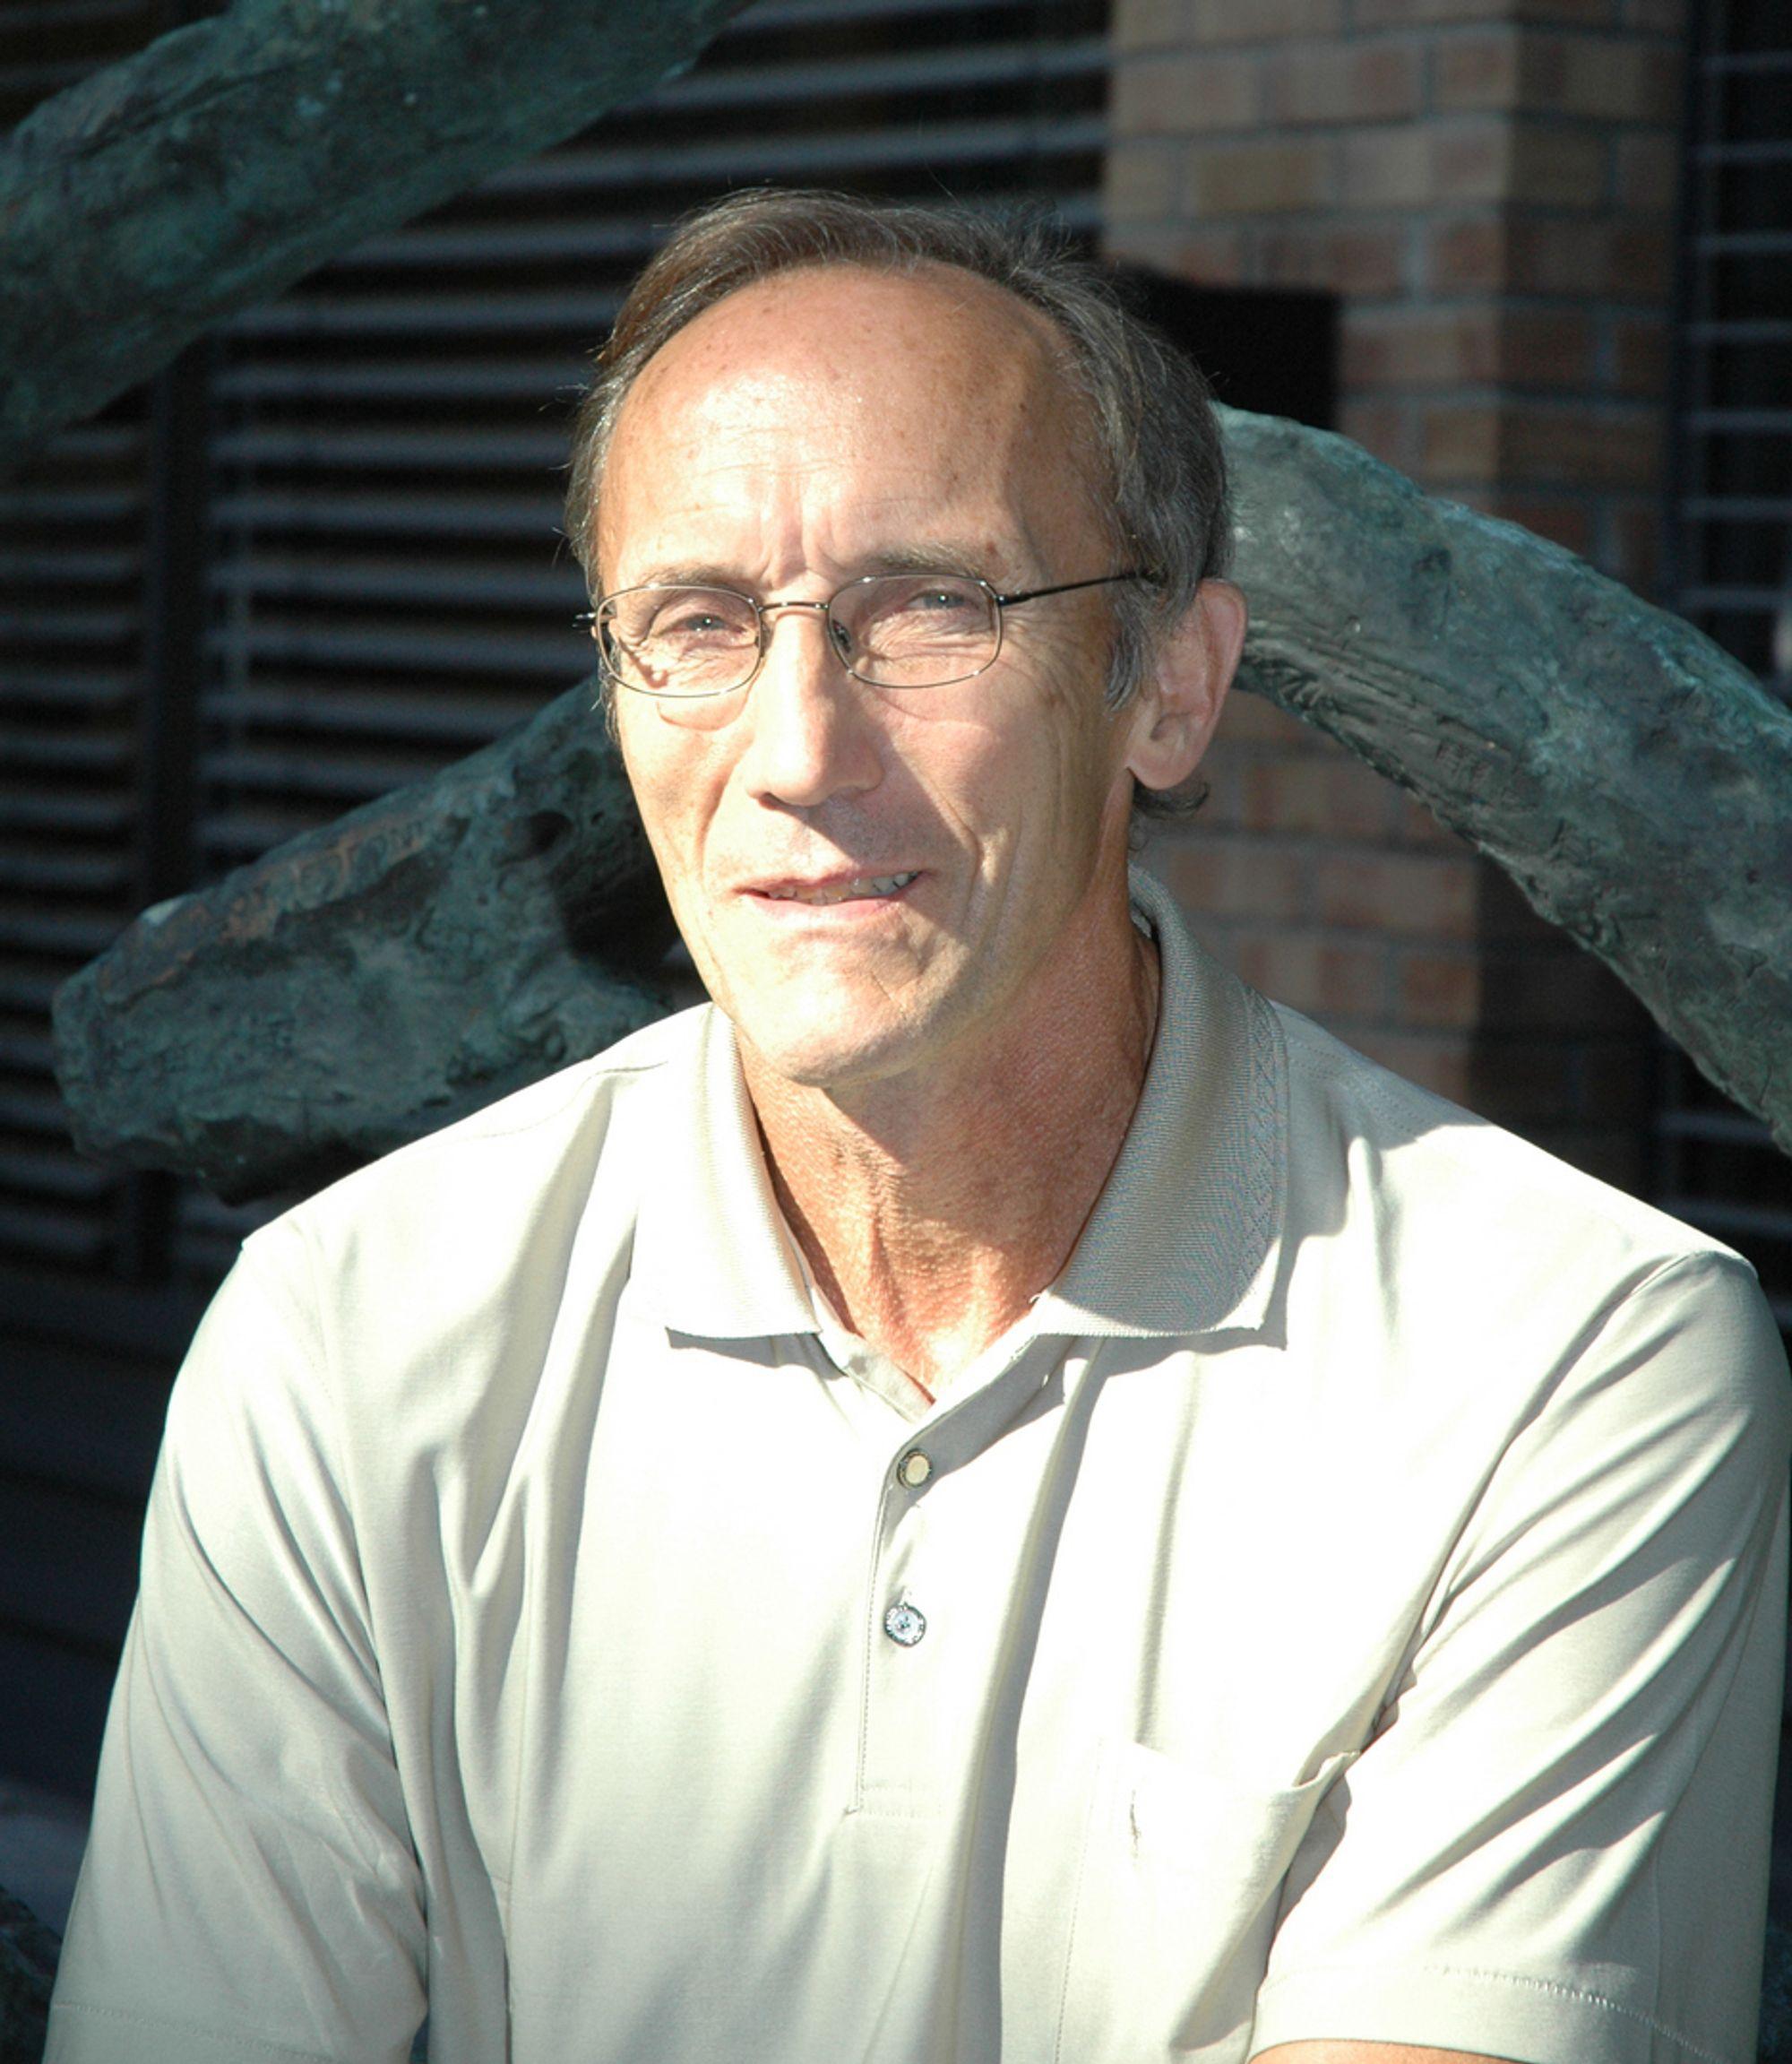 Endre Grimsmo i Cowi, sentral i kvalitetssikringsmiljøet.